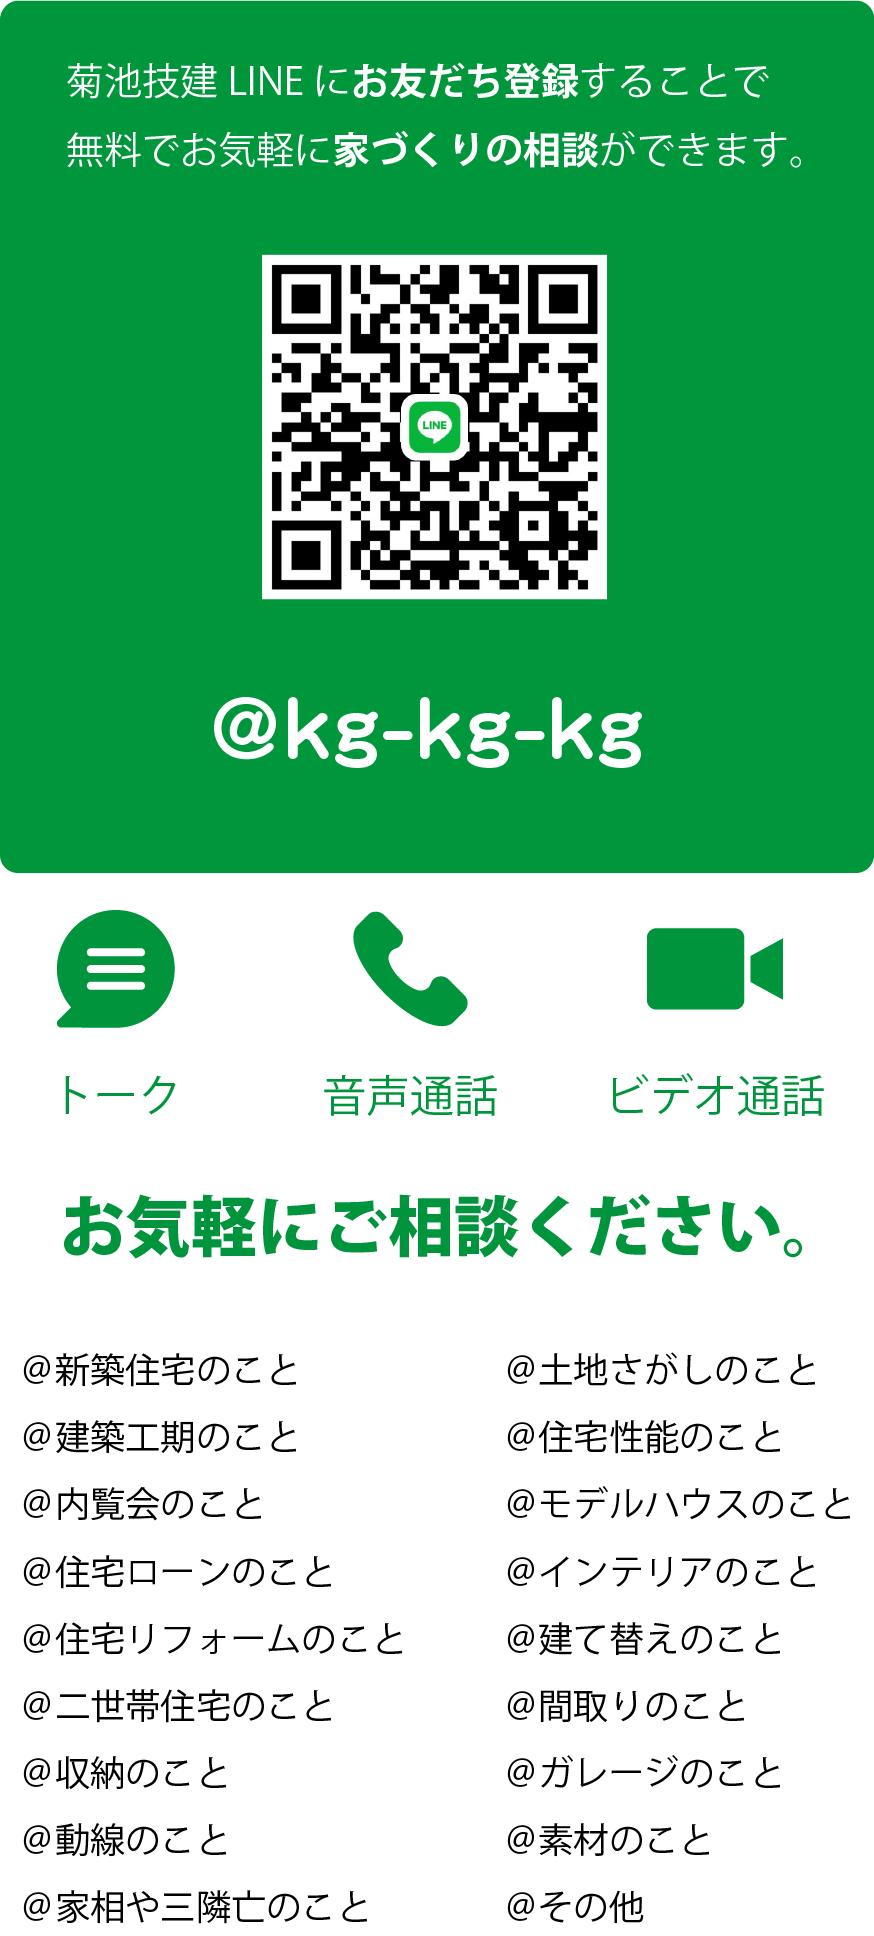 菊池技建LINEアカウント